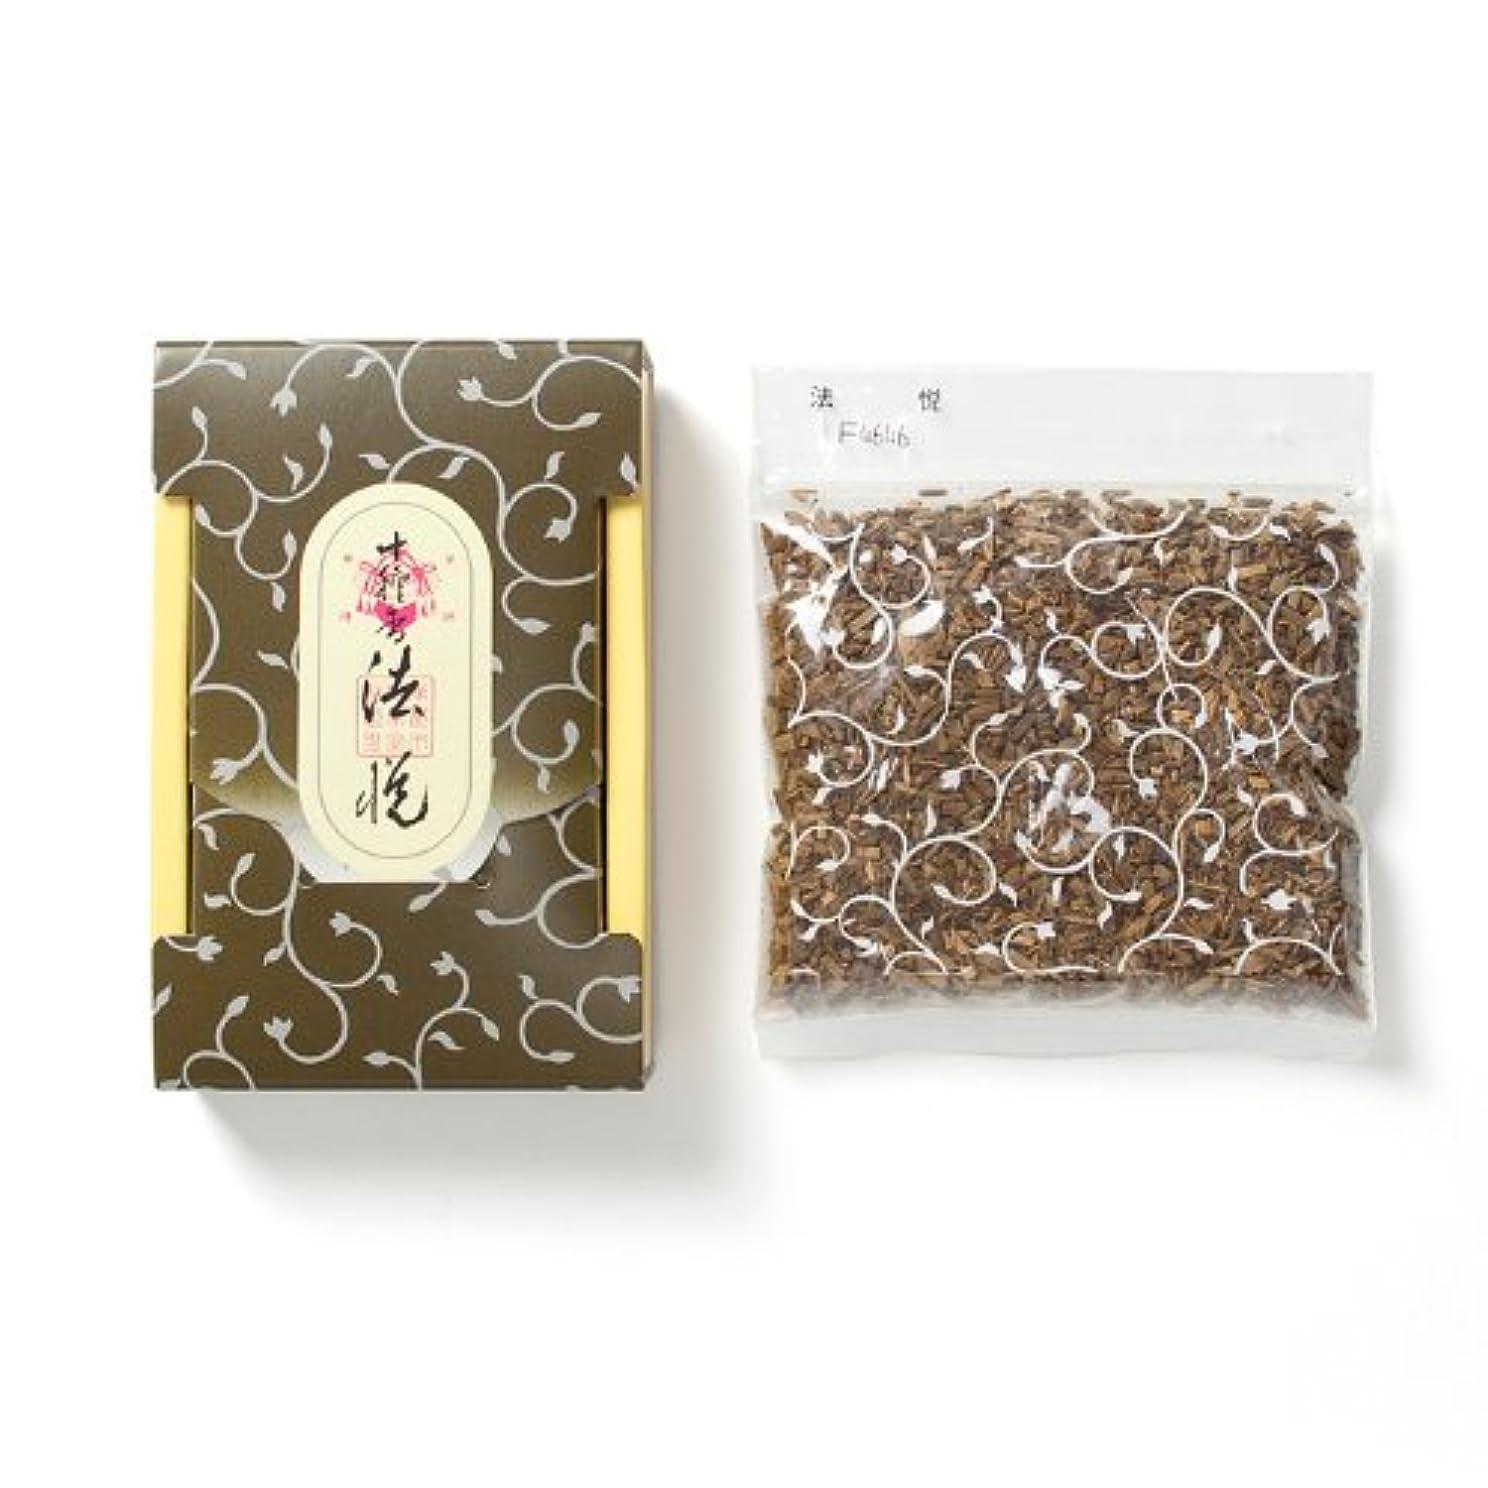 気分が良い批判的にブリーク松栄堂のお焼香 十種香 法悦 25g詰 小箱入 #411041